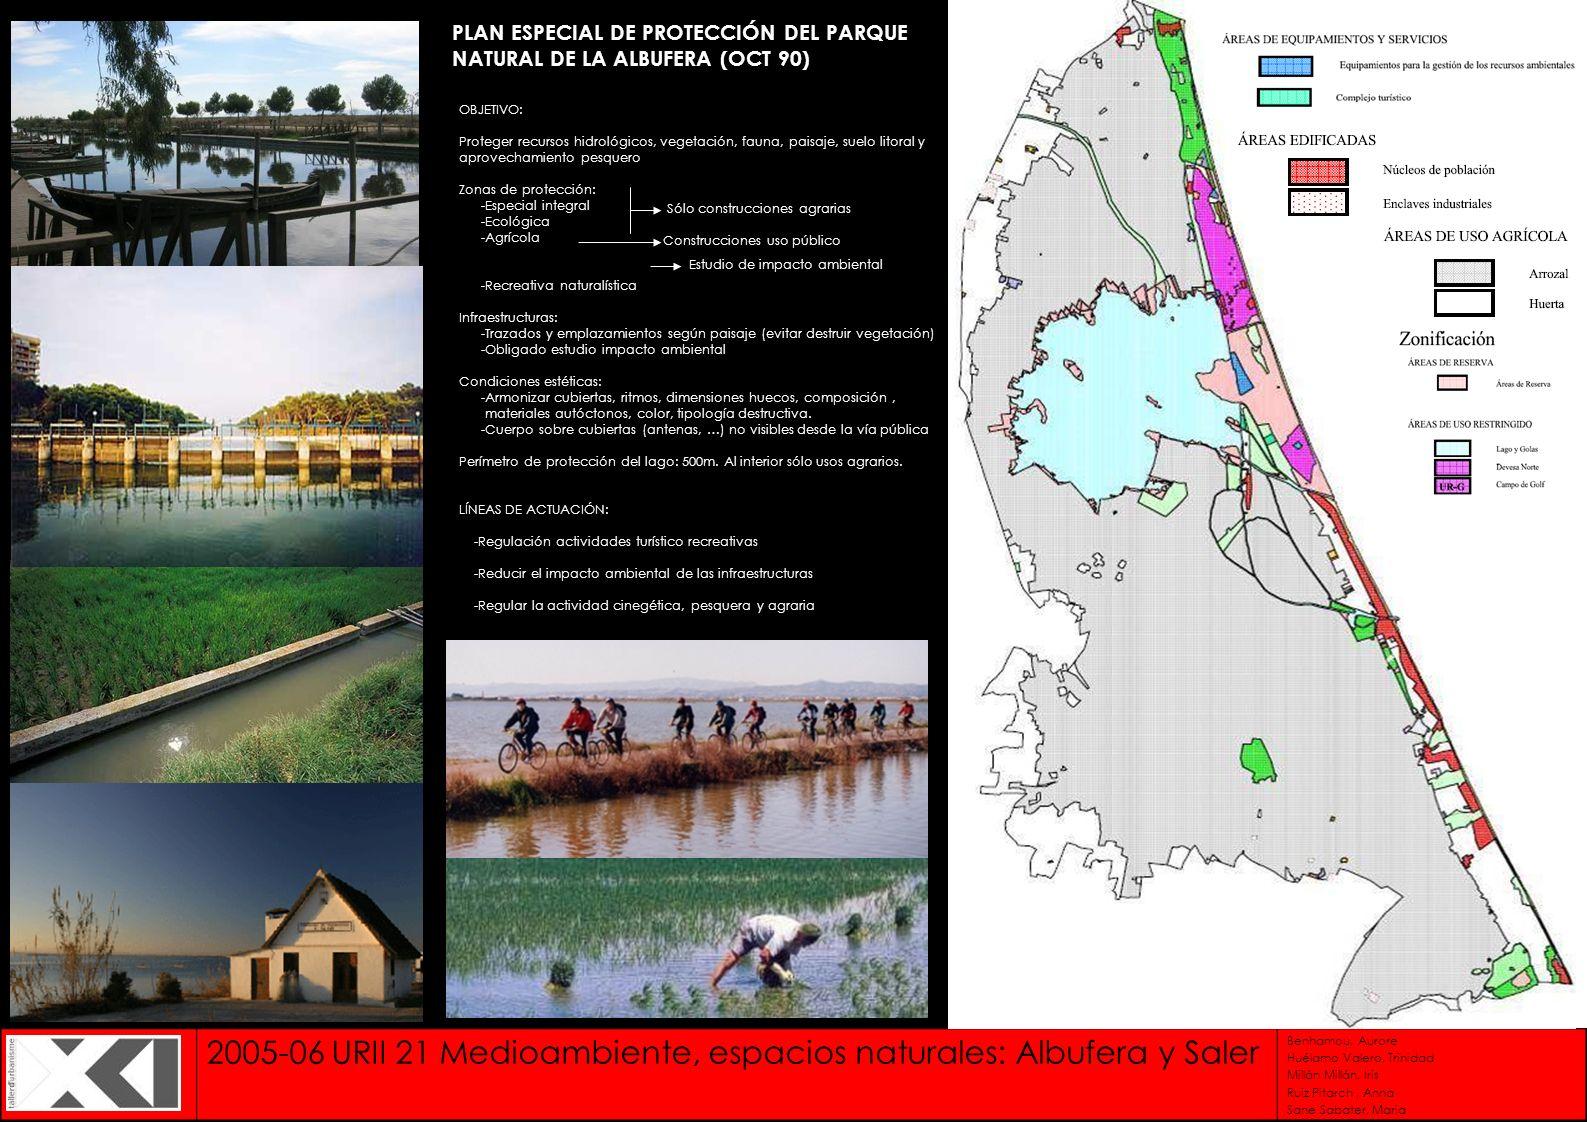 2005-06 URII 21 Medioambiente, espacios naturales: Albufera y Saler Benhamou, Aurore Huélamo Valero, Trinidad Millán Millán, Iris Ruiz Pitarch, Anna S